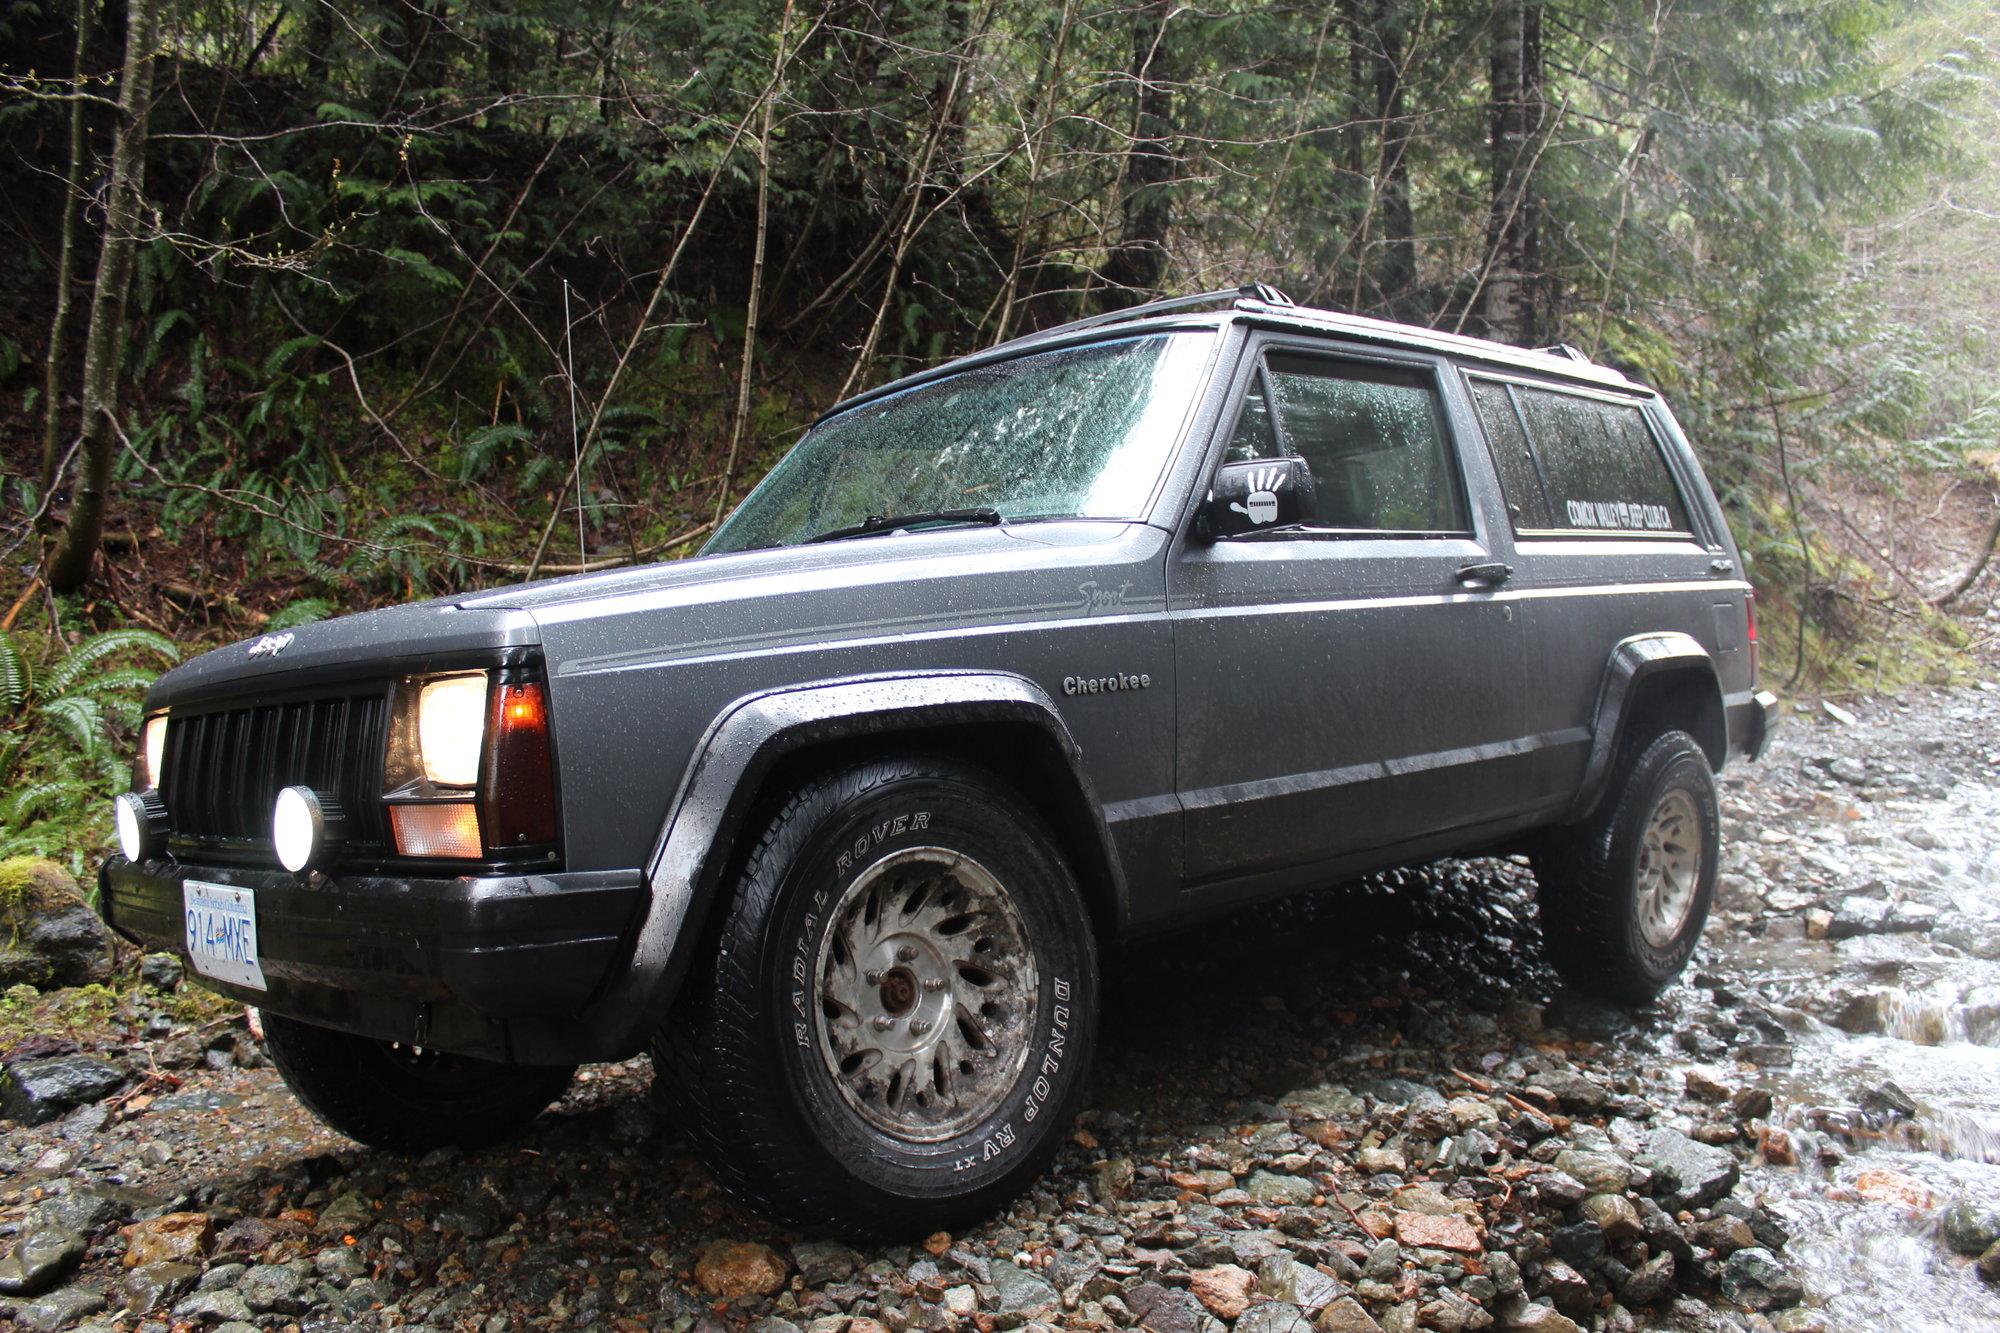 92 2 door XJ budget daily/weekend wheeler build - Jeep